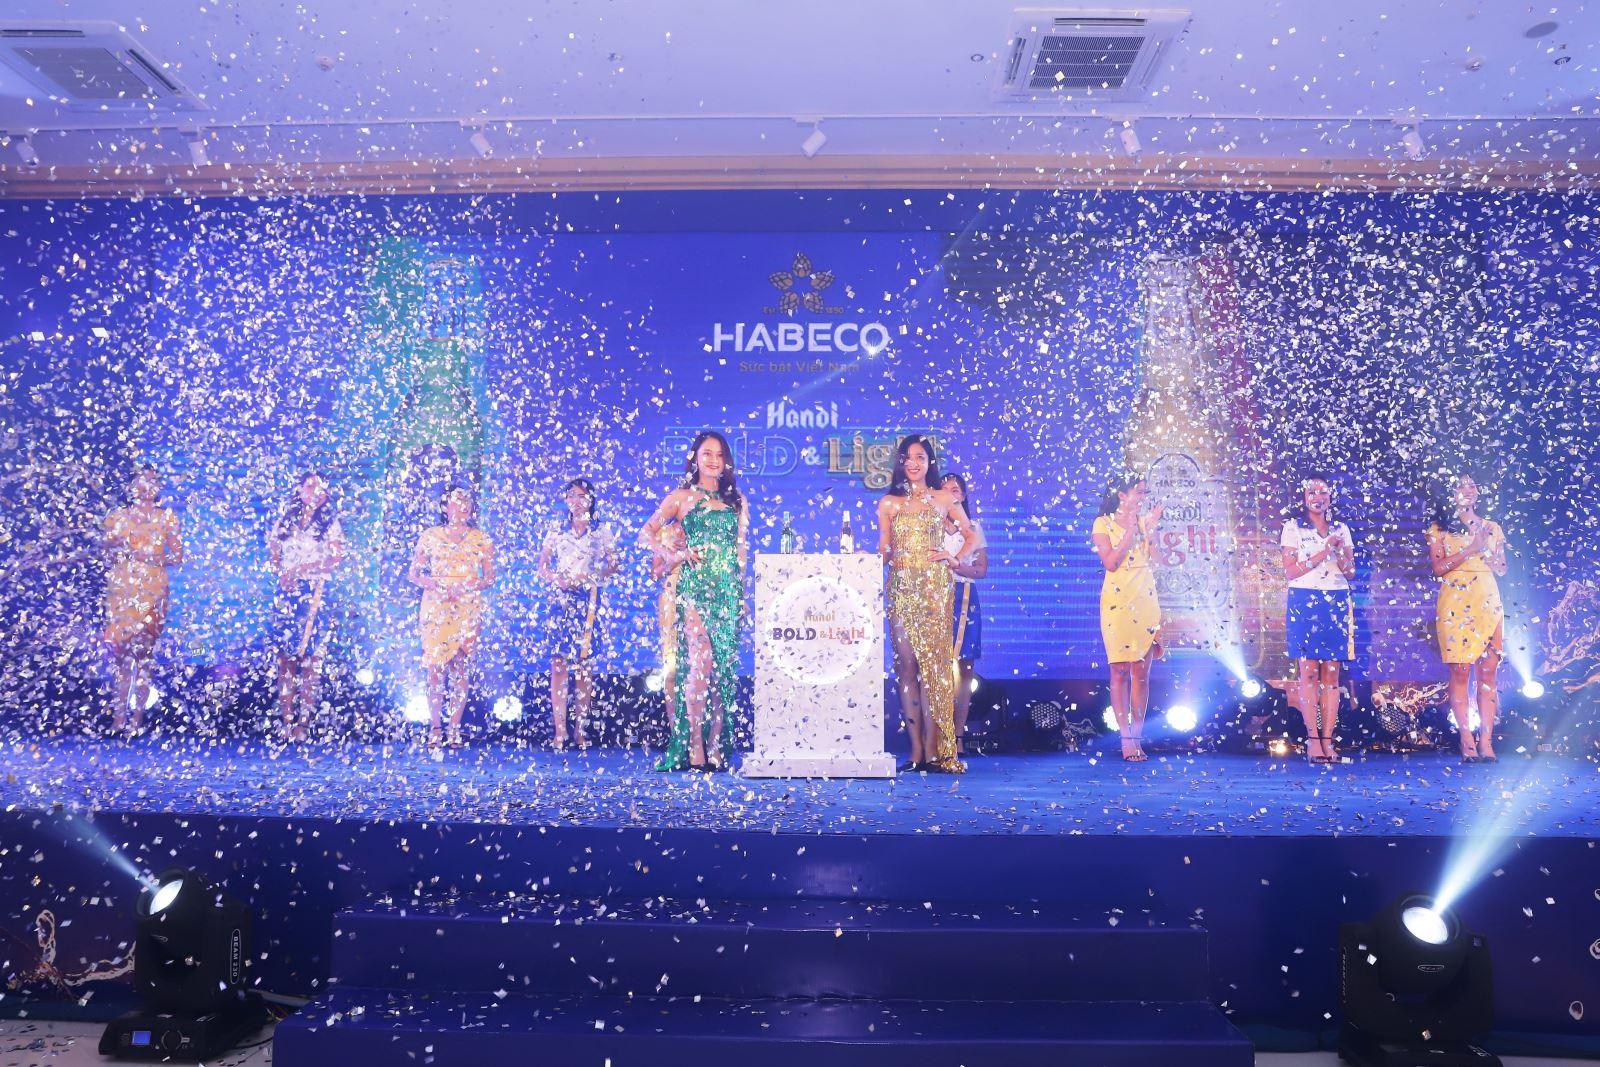 HABECO ra mắt Hanoi Bold và Hanoi Light dành cho giới trẻ